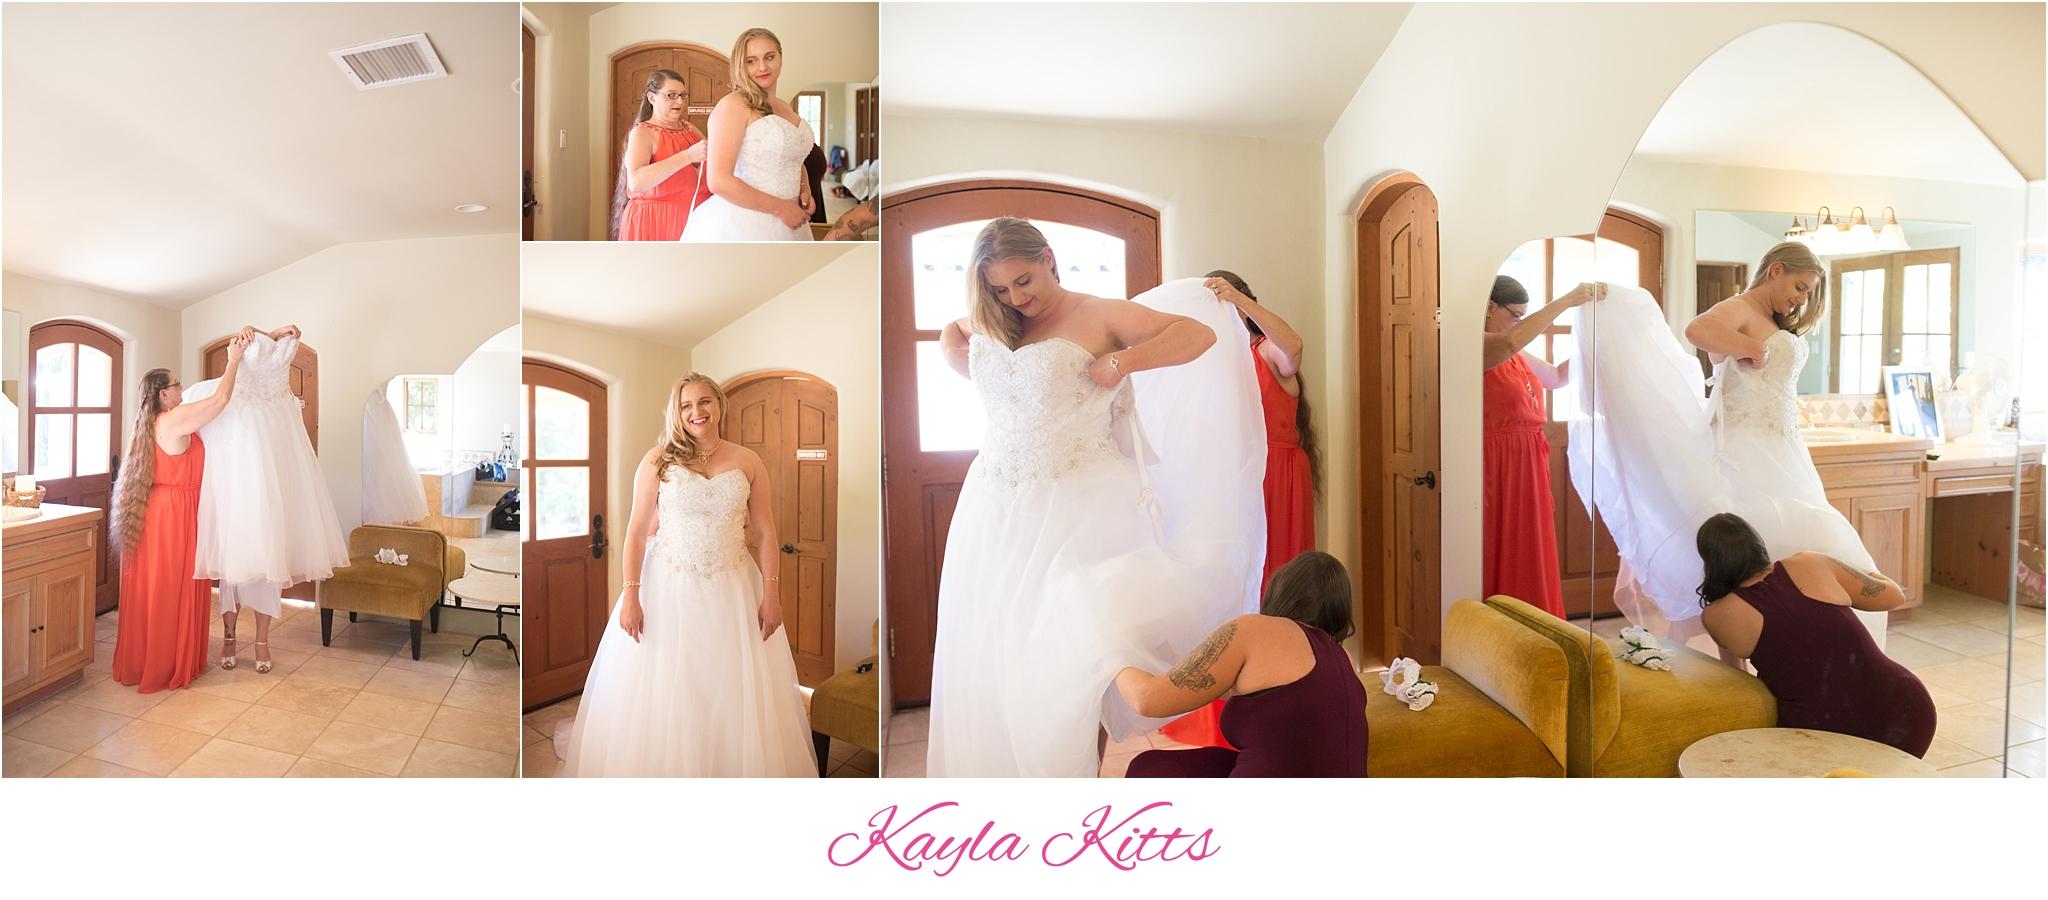 kayla kitts photography - albuquerque wedding photographer - albuquerque wedding photography - albuquerque venue - casa rondena - casa rondea wedding - new mexico wedding photographer_0004.jpg